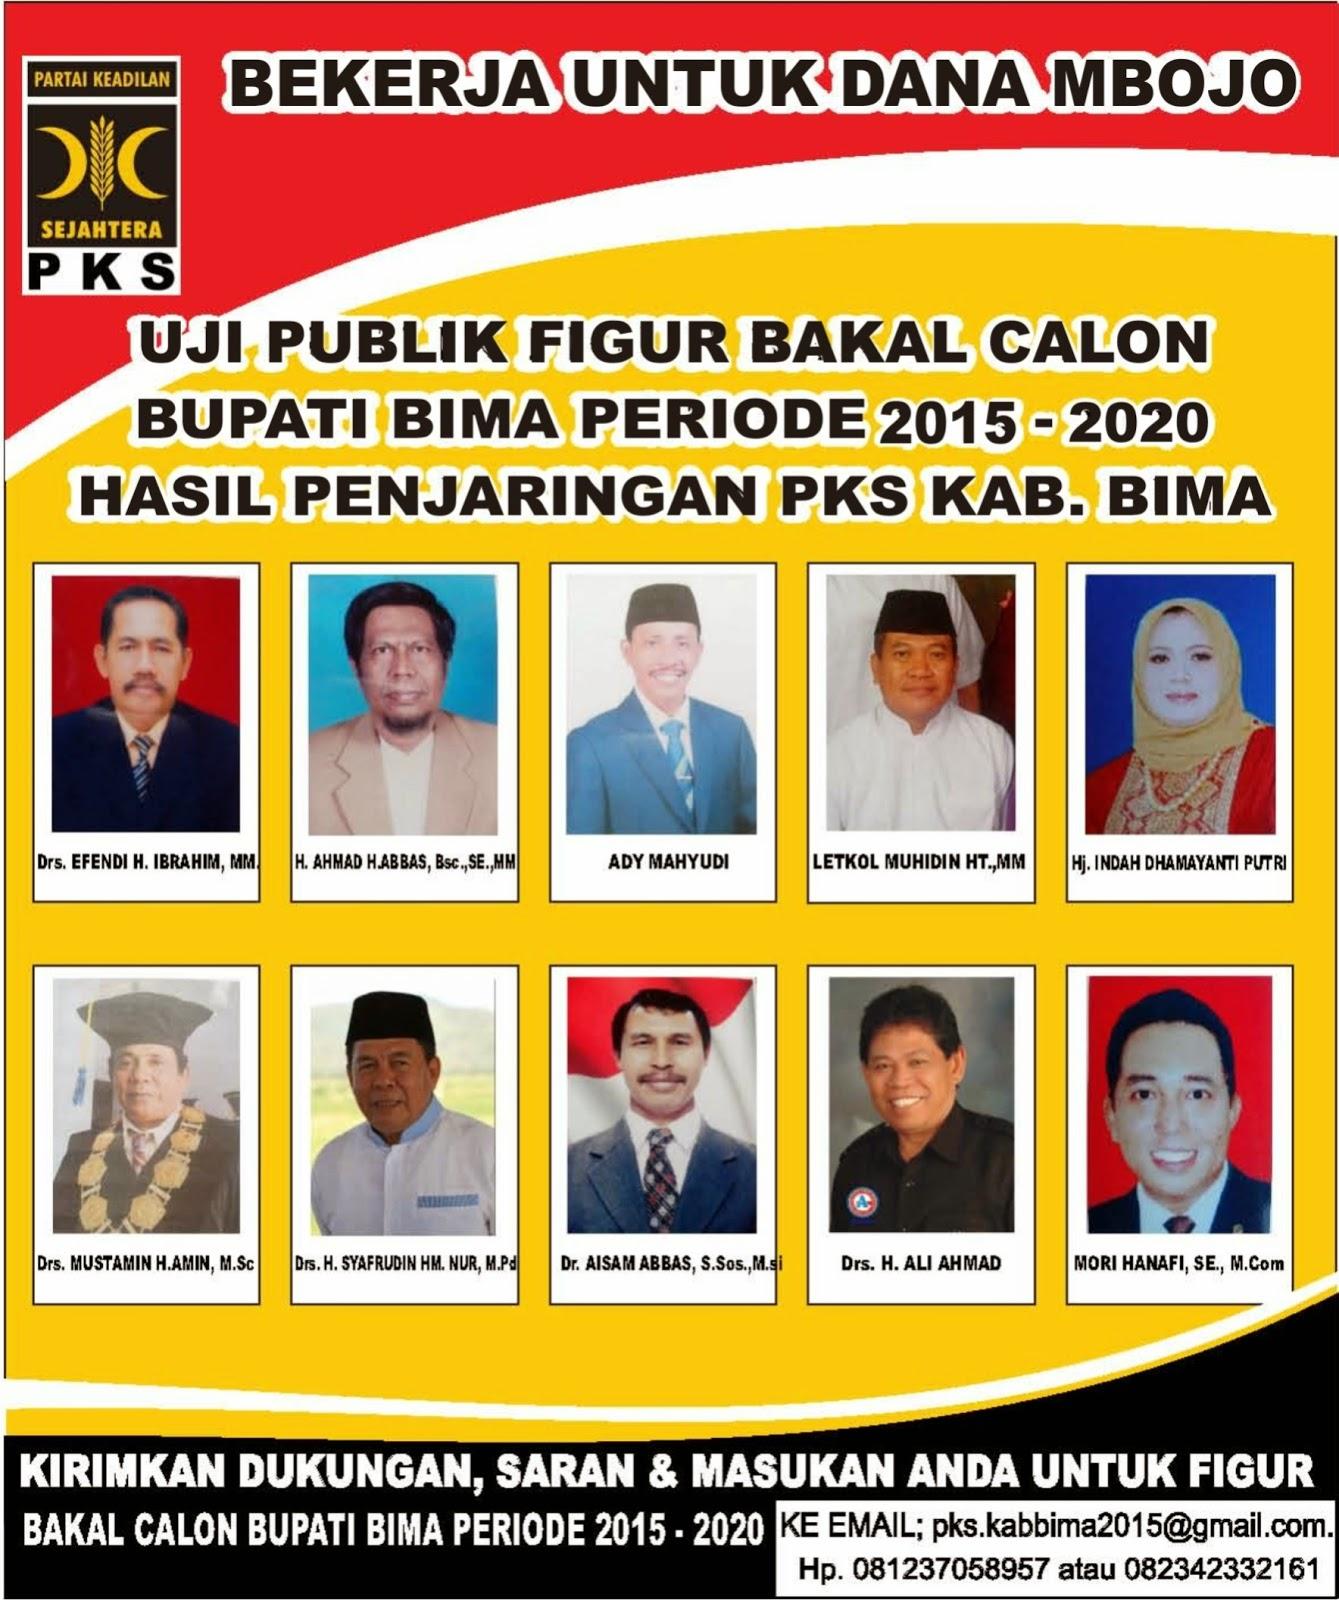 Uji Kelayakan Bakal Calon Bupati Bima 2016-2020 Hasil Penjaringan Partai Kesejahteraan Rakyat Kabupaten Bima